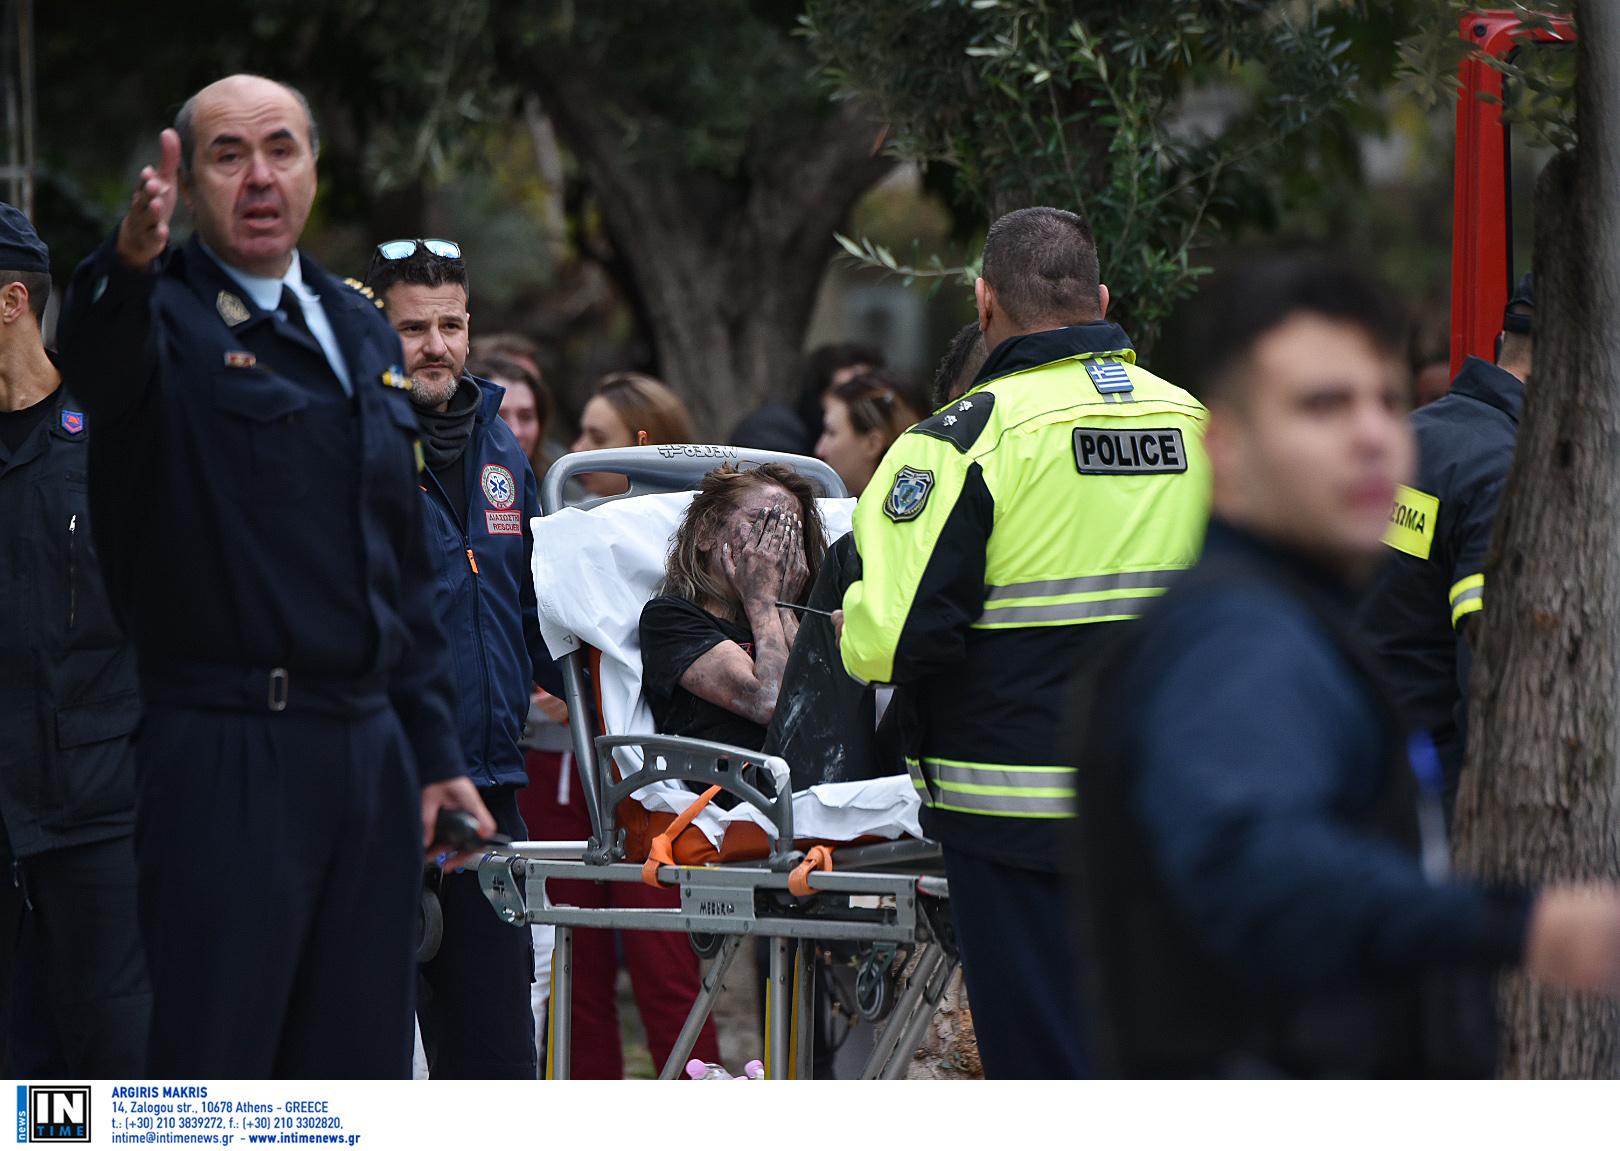 """24χρονη διασωληνωμένη στο νοσοκομείο μετά τη φωτιά στο Athenaeum Palace! """"Είδα μια κοπέλα στο παράθυρο!"""", """"Καπνός έως τον 7ο, δεν μπορούσαμε να αναπνεύσουμε"""""""